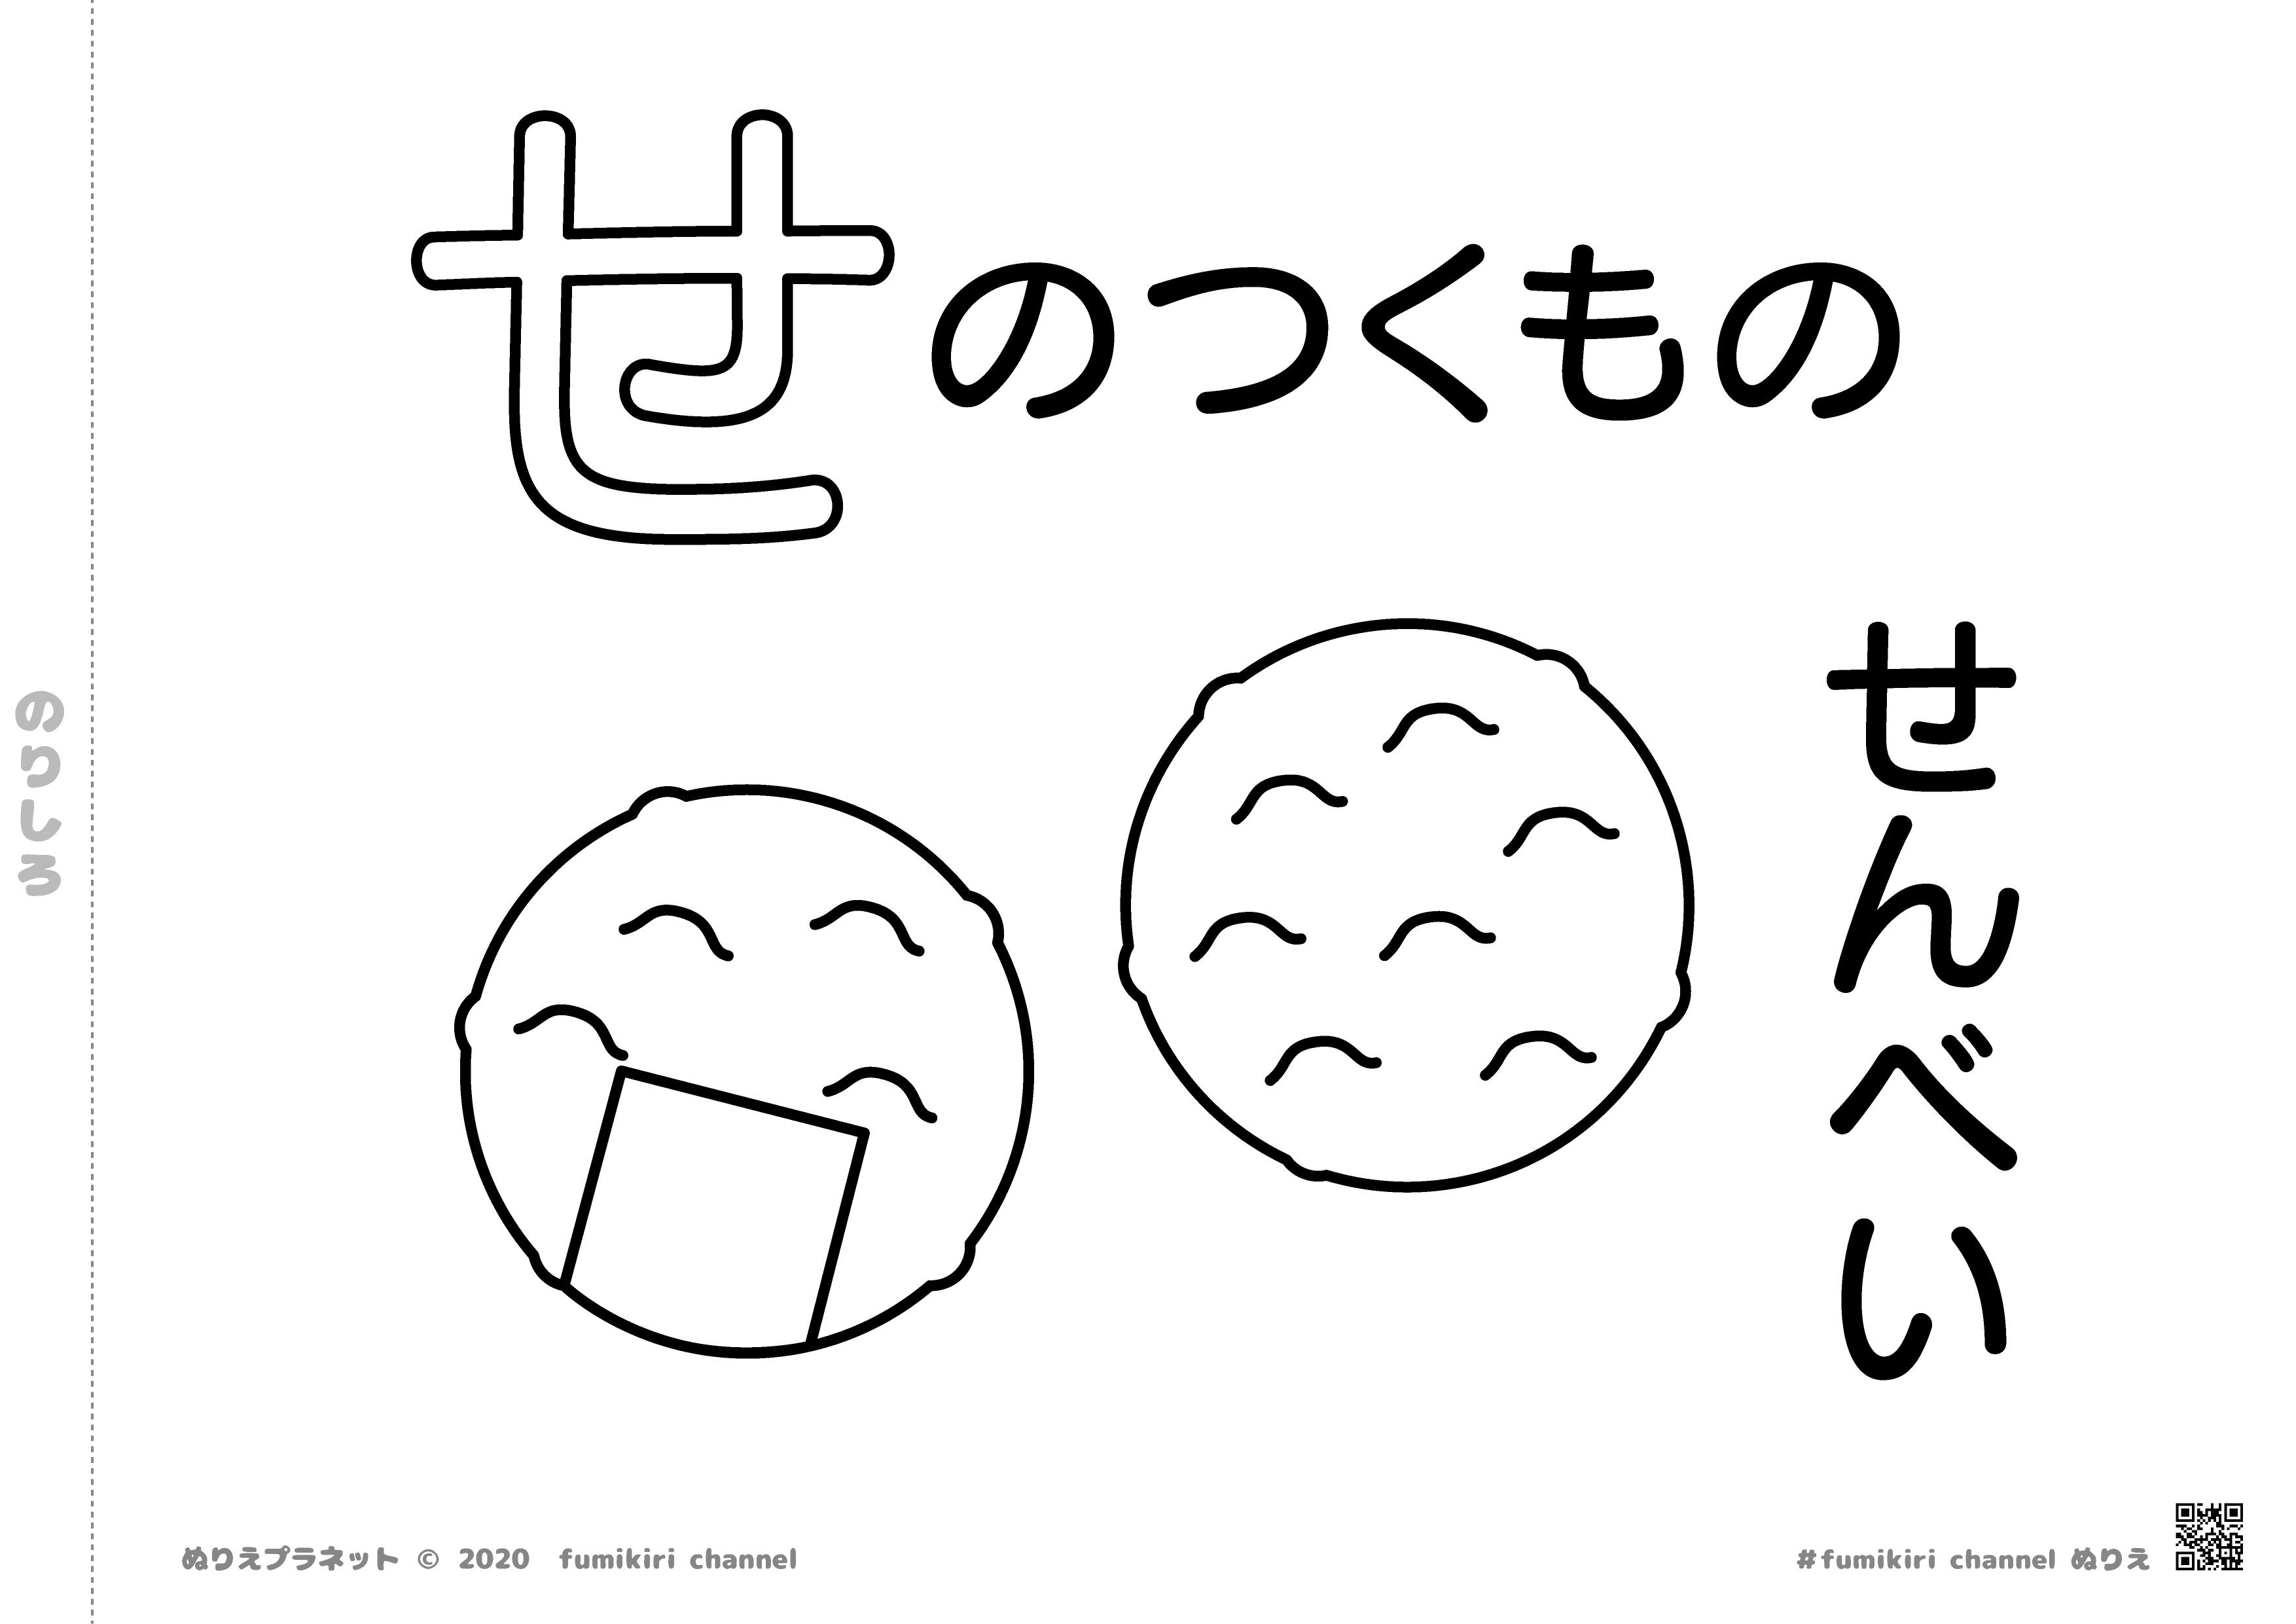 カリッと香ばしい日本のお菓子「せんべい」の塗り絵